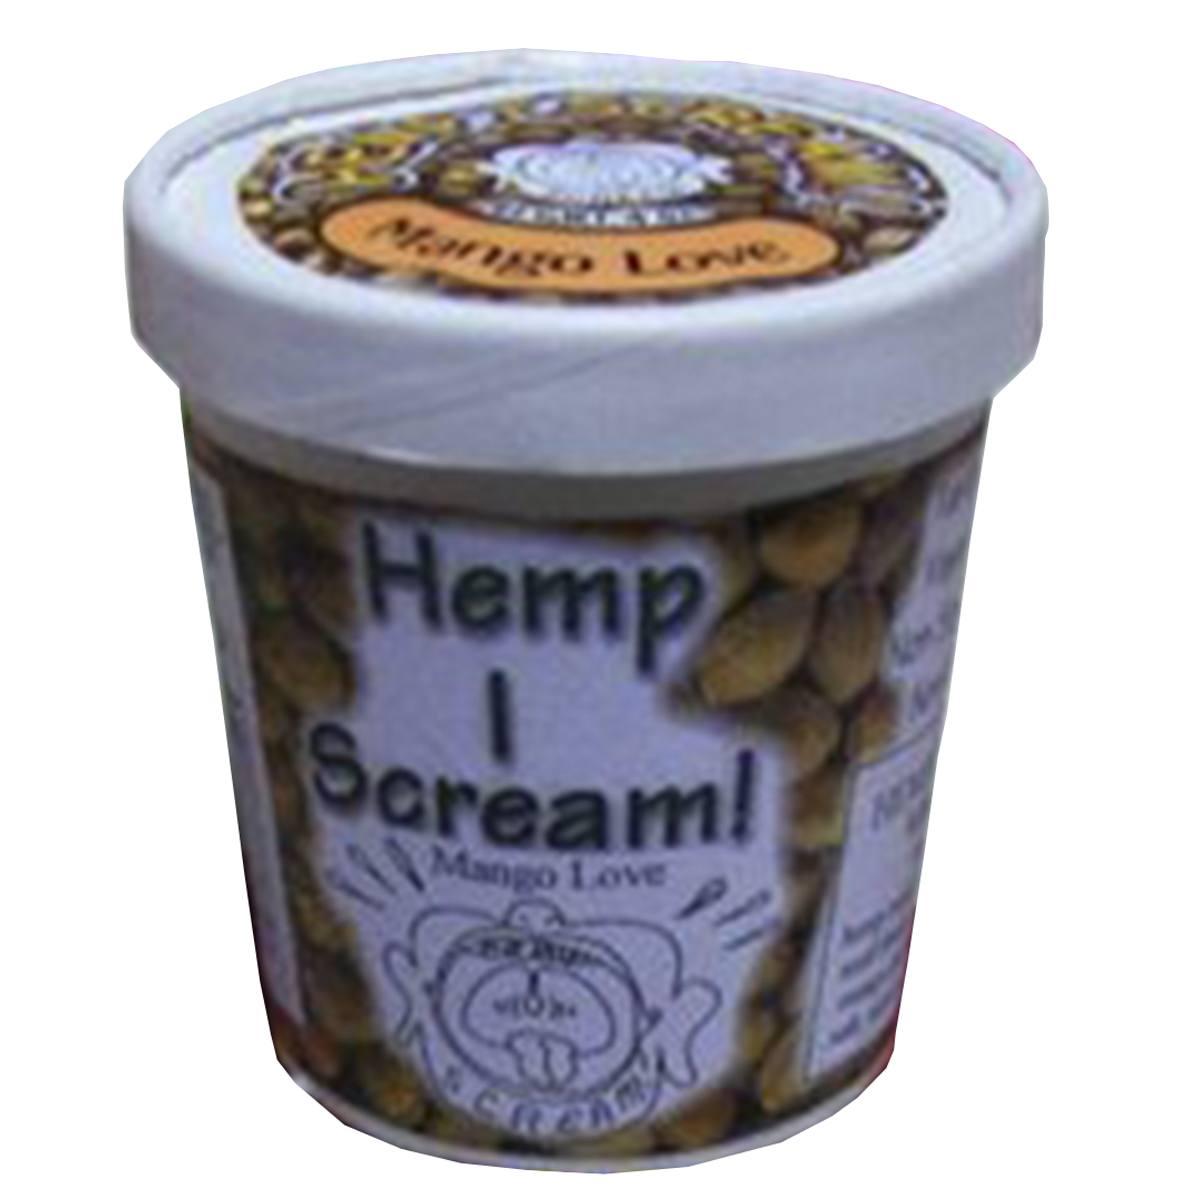 Hemp I Scream Ice Cream